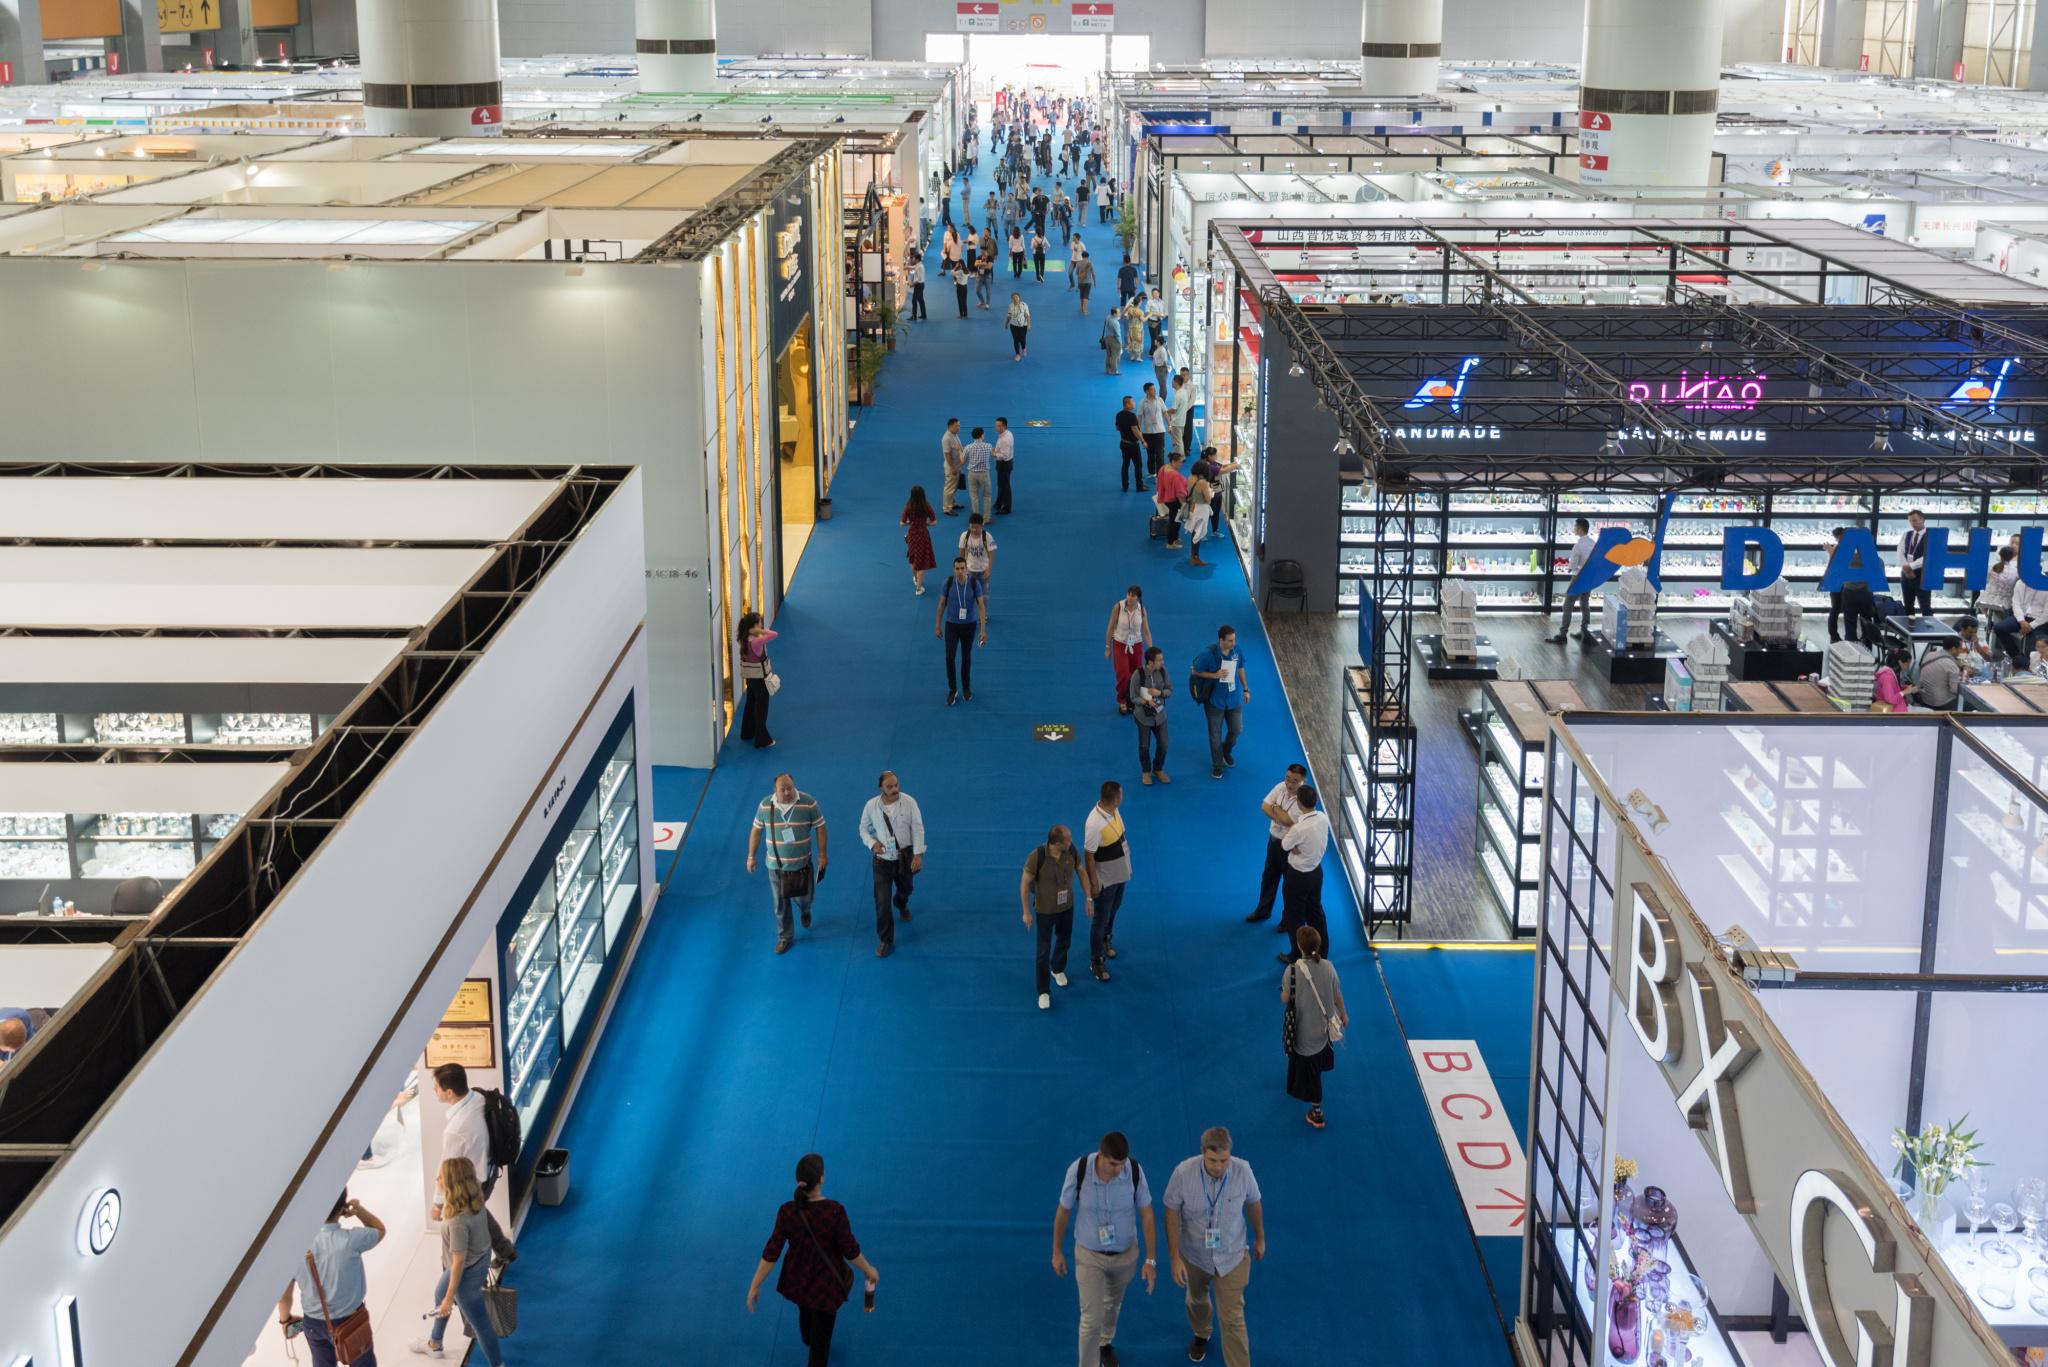 成本上涨竞争激烈,中国纺织品企业广交会遇冷,出口额六年来首降